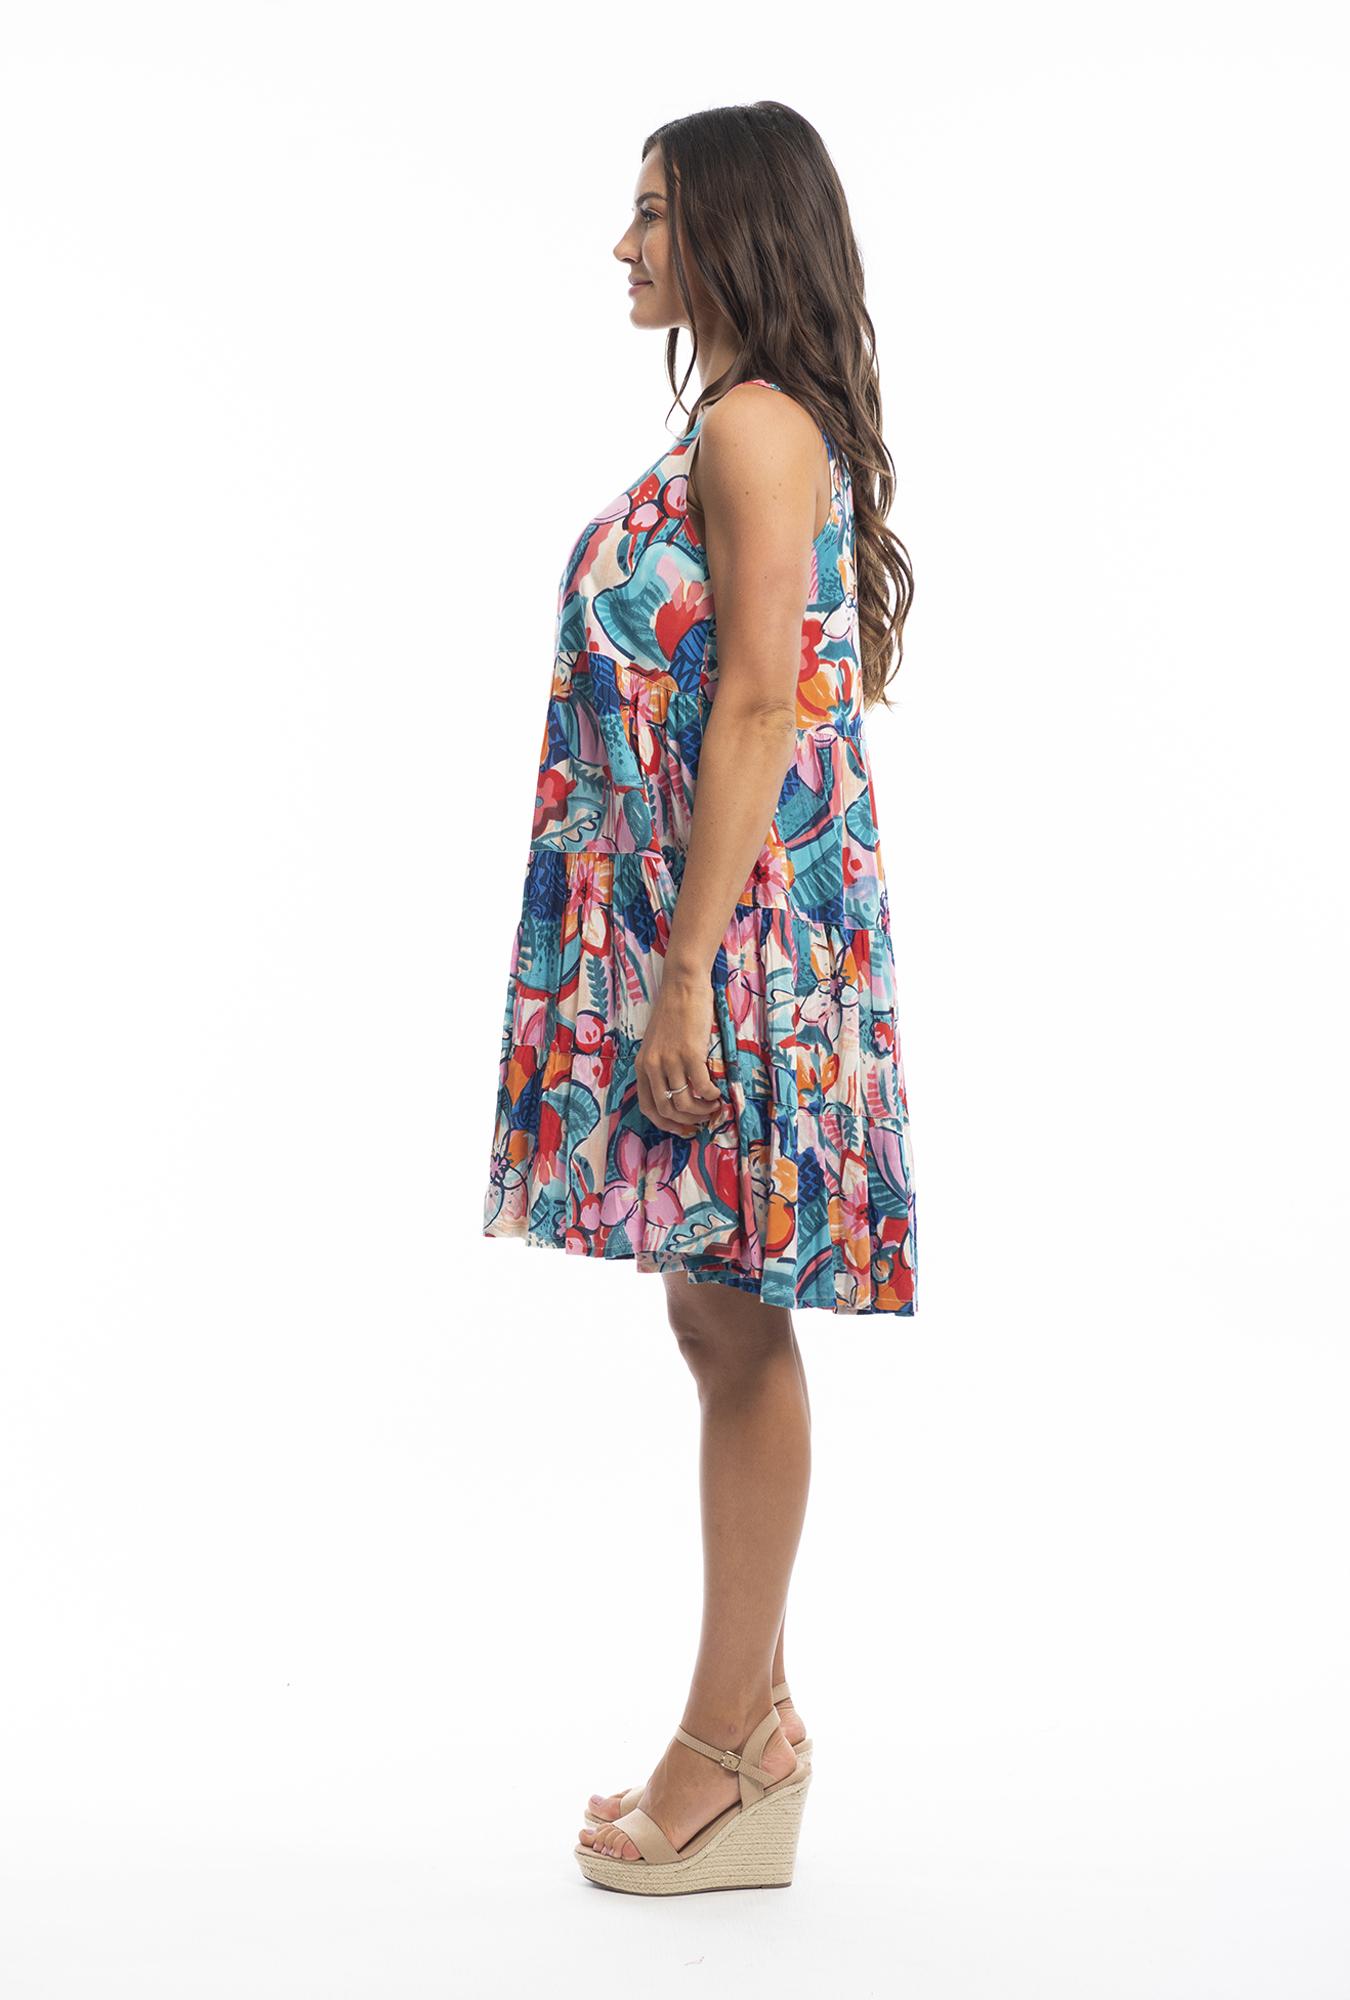 Natasha Dress in Borellie